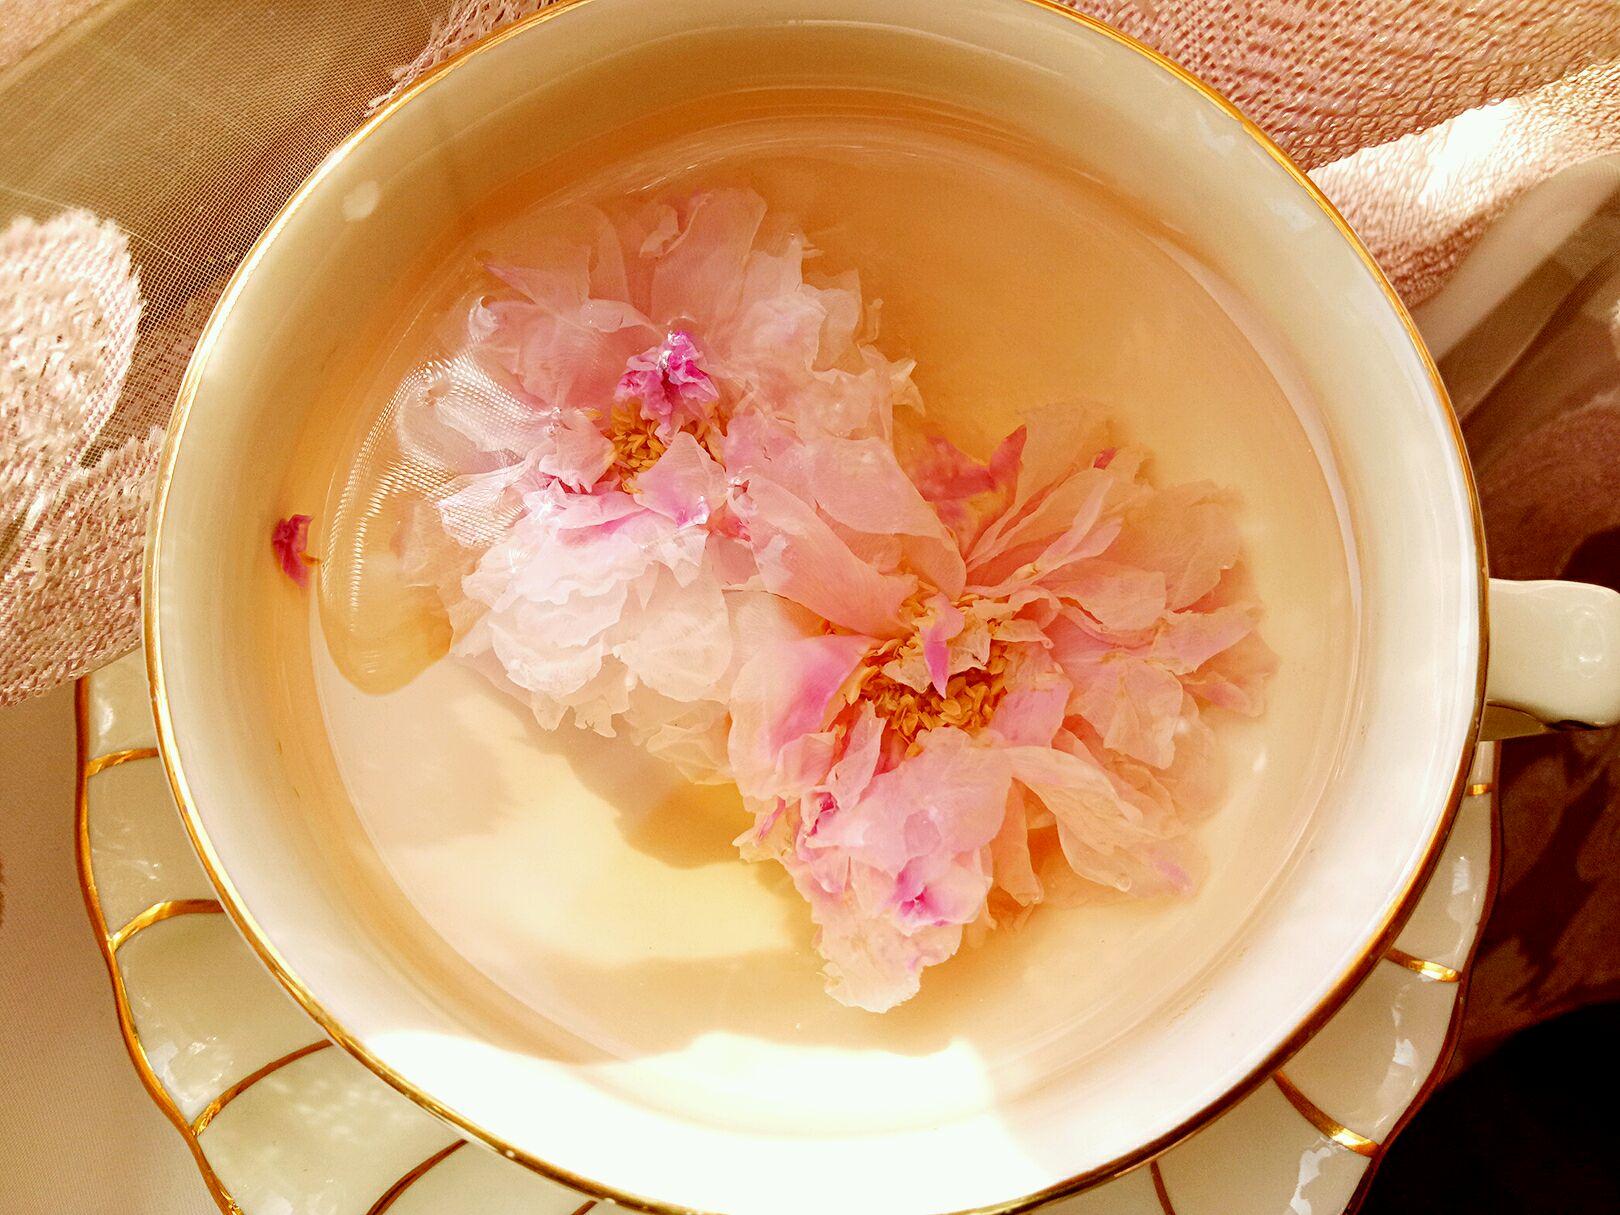 清香淡雅     主料 玫瑰花2颗 热水300ml 玫瑰花茶的做法步骤